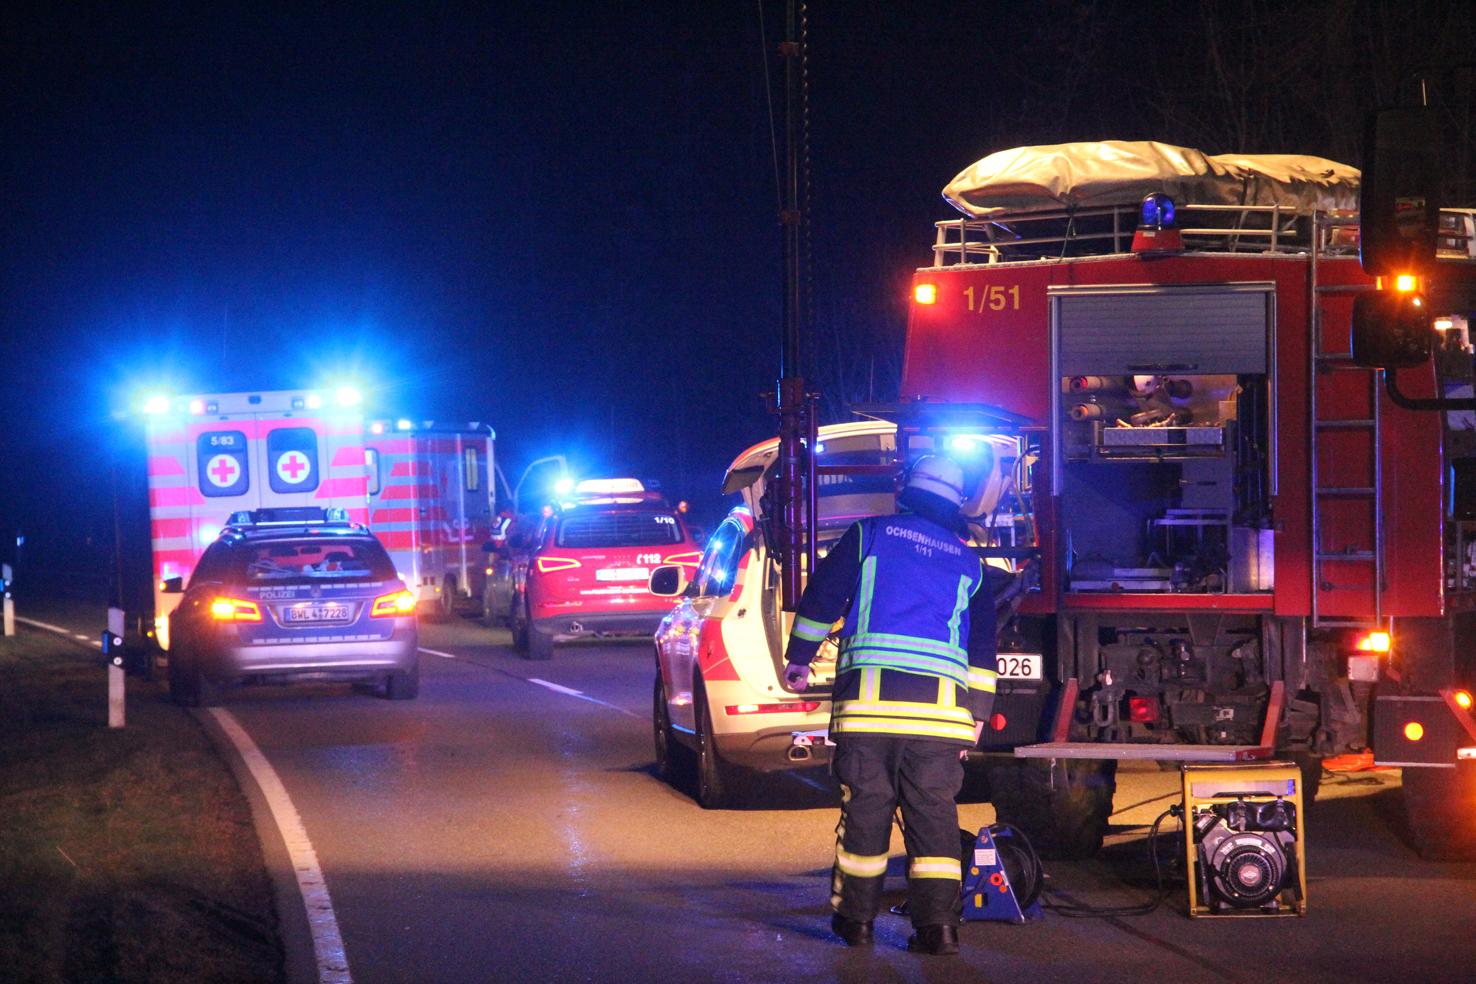 23-03-2013 ochsenhausen rottum k7574 unfall feuerwehr-ochsnehausen technische-hilfeleistung pkw pöppel new-facts-eu20130323 0004